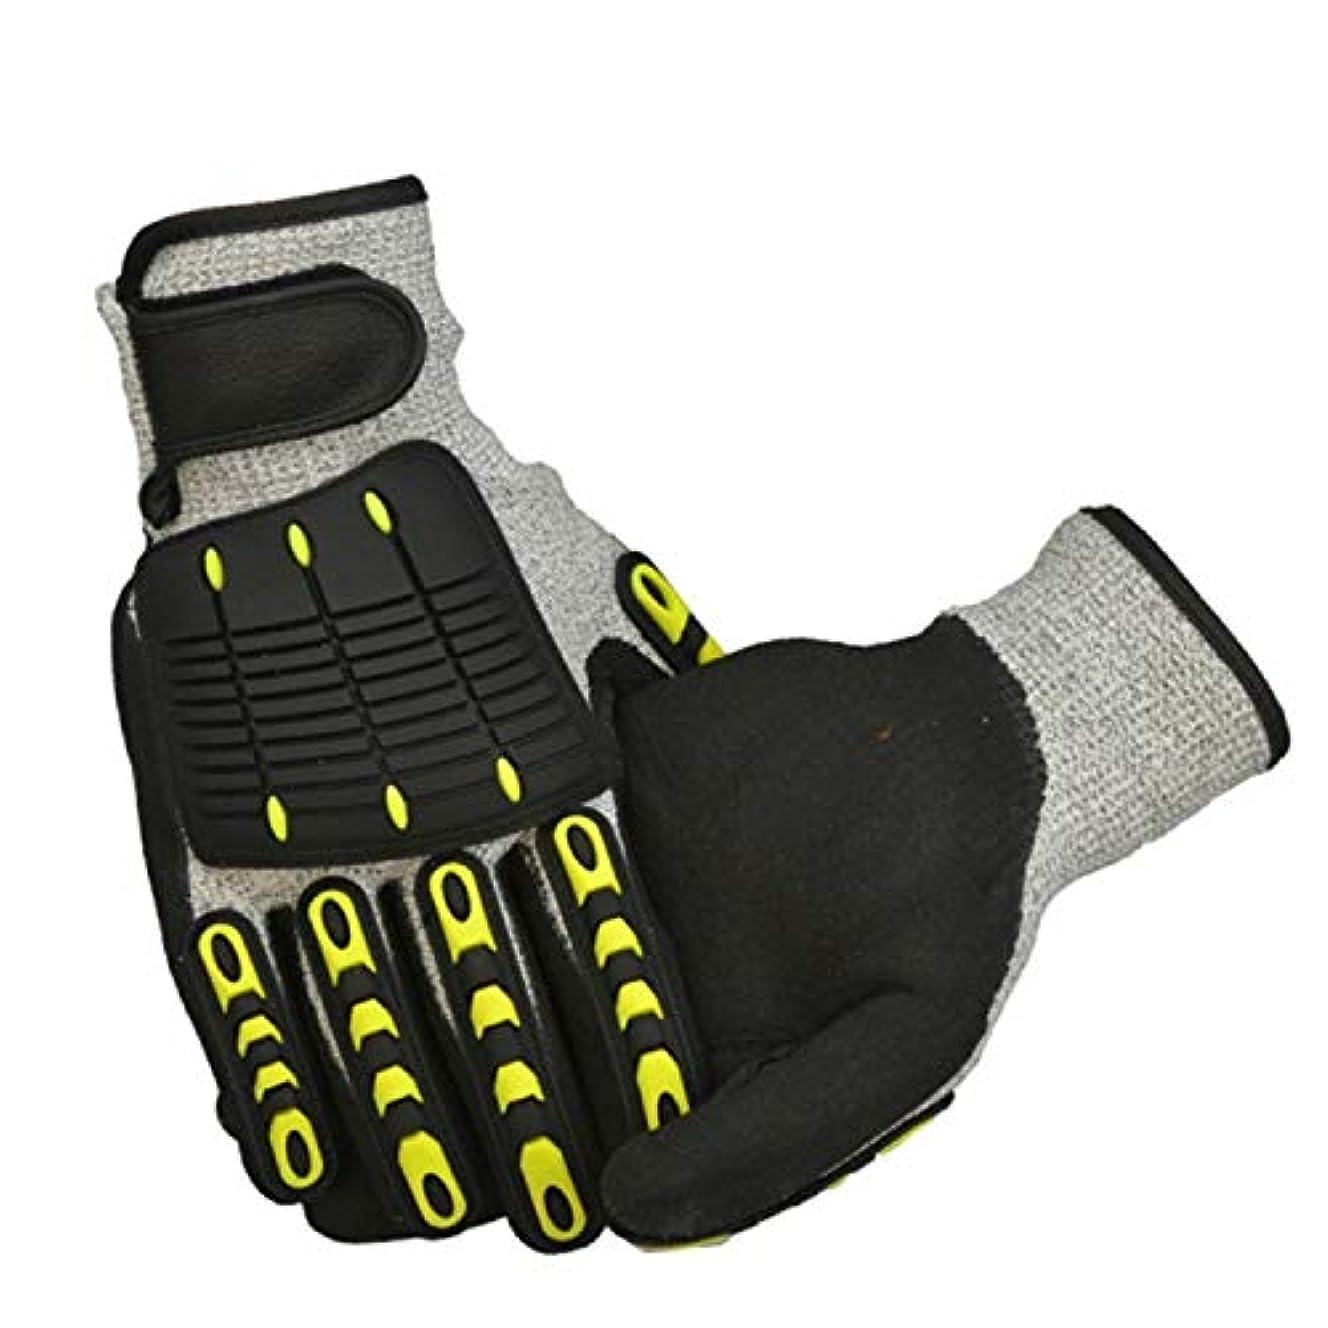 確認してください必要性変位BAJIMI 手袋 グローブ レディース/メンズ ハンド ケア X-大、オリジナルオイル&ガスの安全性への影響手袋 裏起毛 おしゃれ 手触りが良い 運転 耐磨耗性 換気性